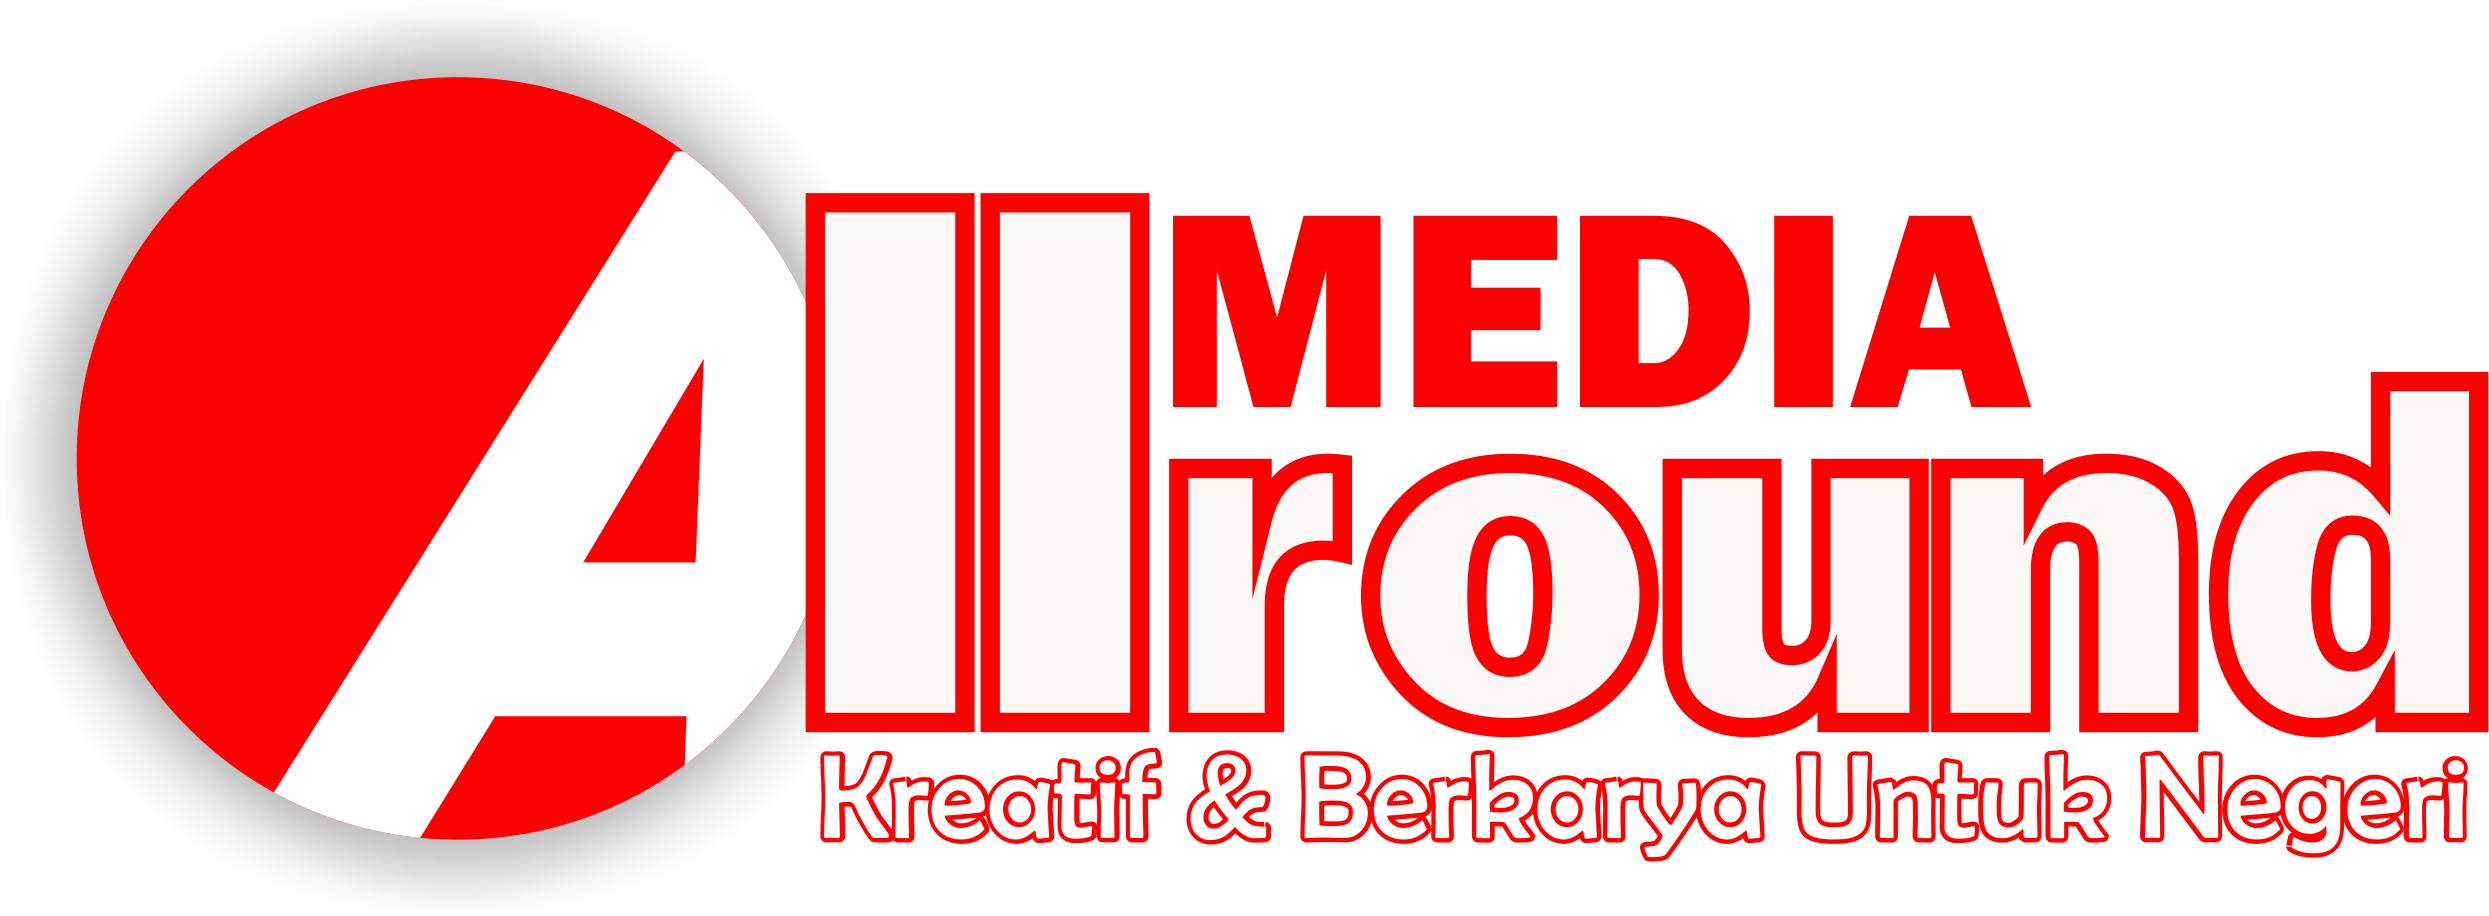 MEDIA ALLROUND